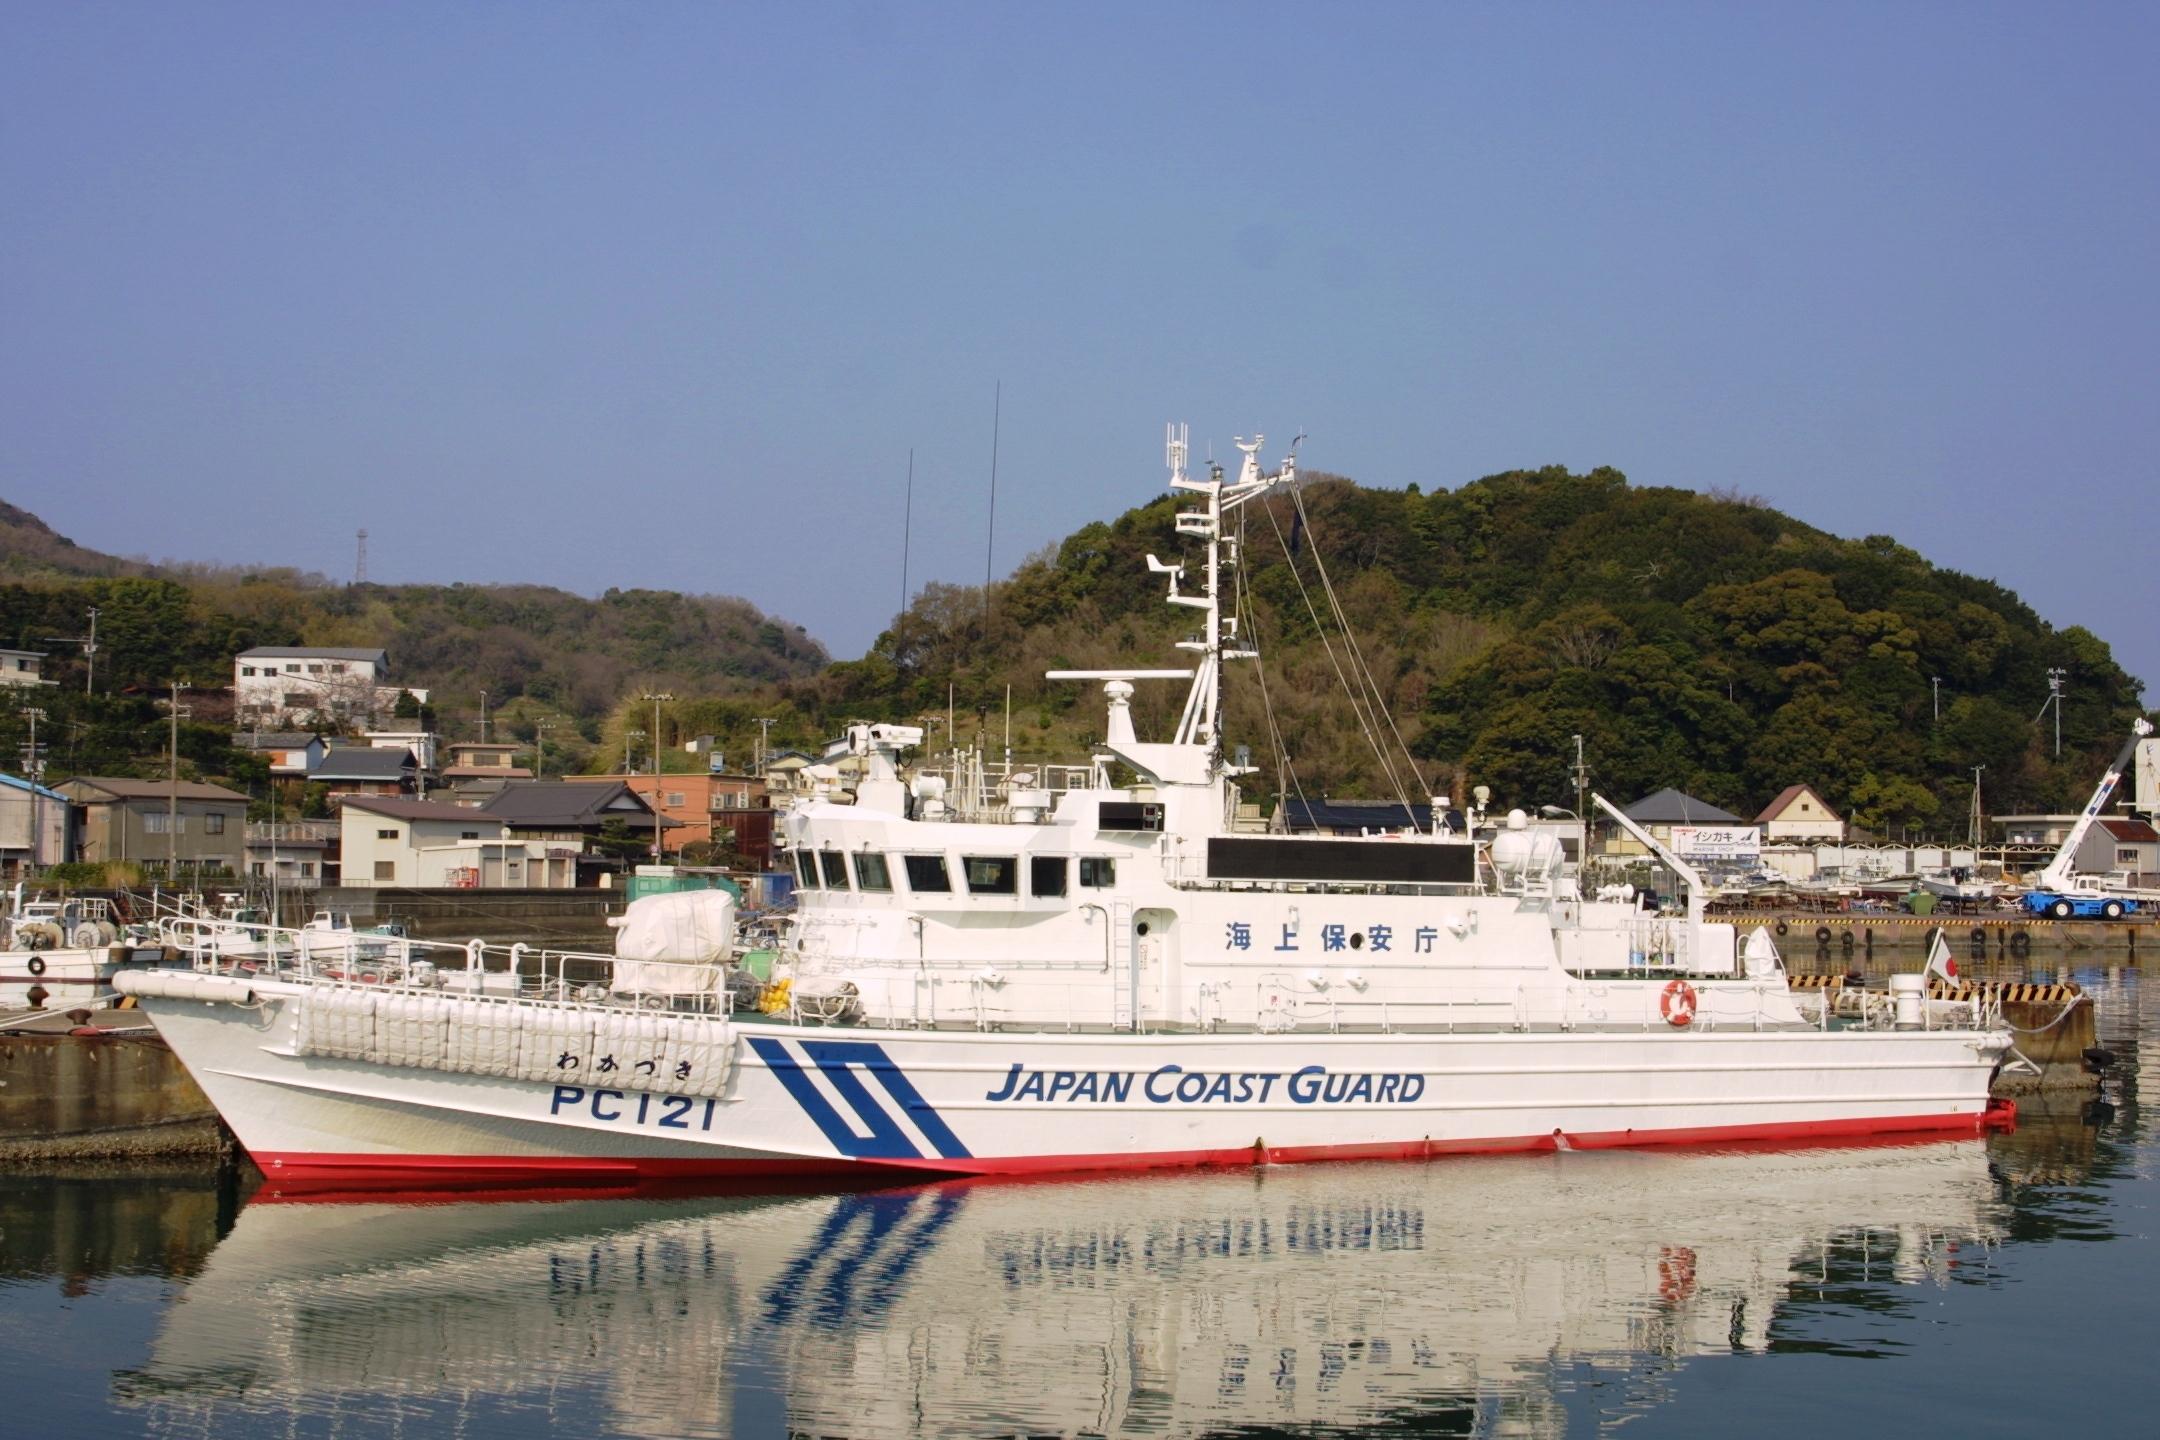 巡視艇 わかづき - 撮り船.com